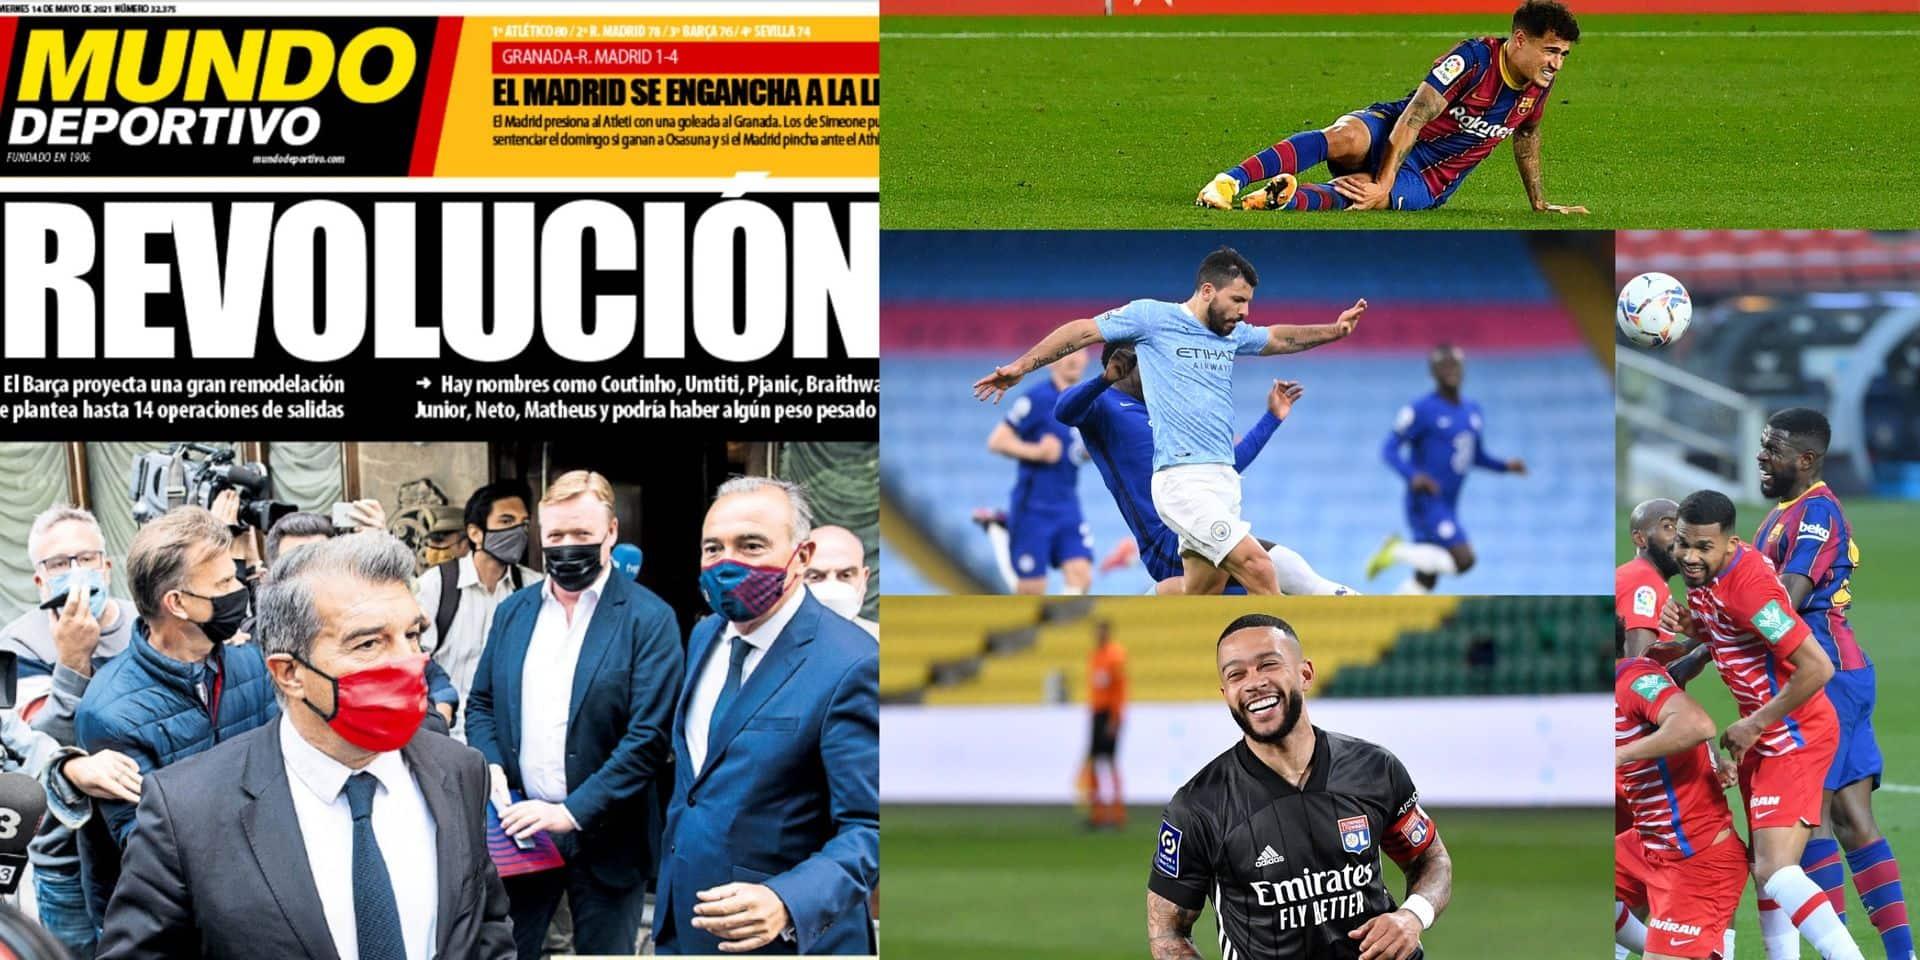 """""""Revolución"""" au FC Barcelone: le club s'apprête à effectuer une grande lessive estivale"""